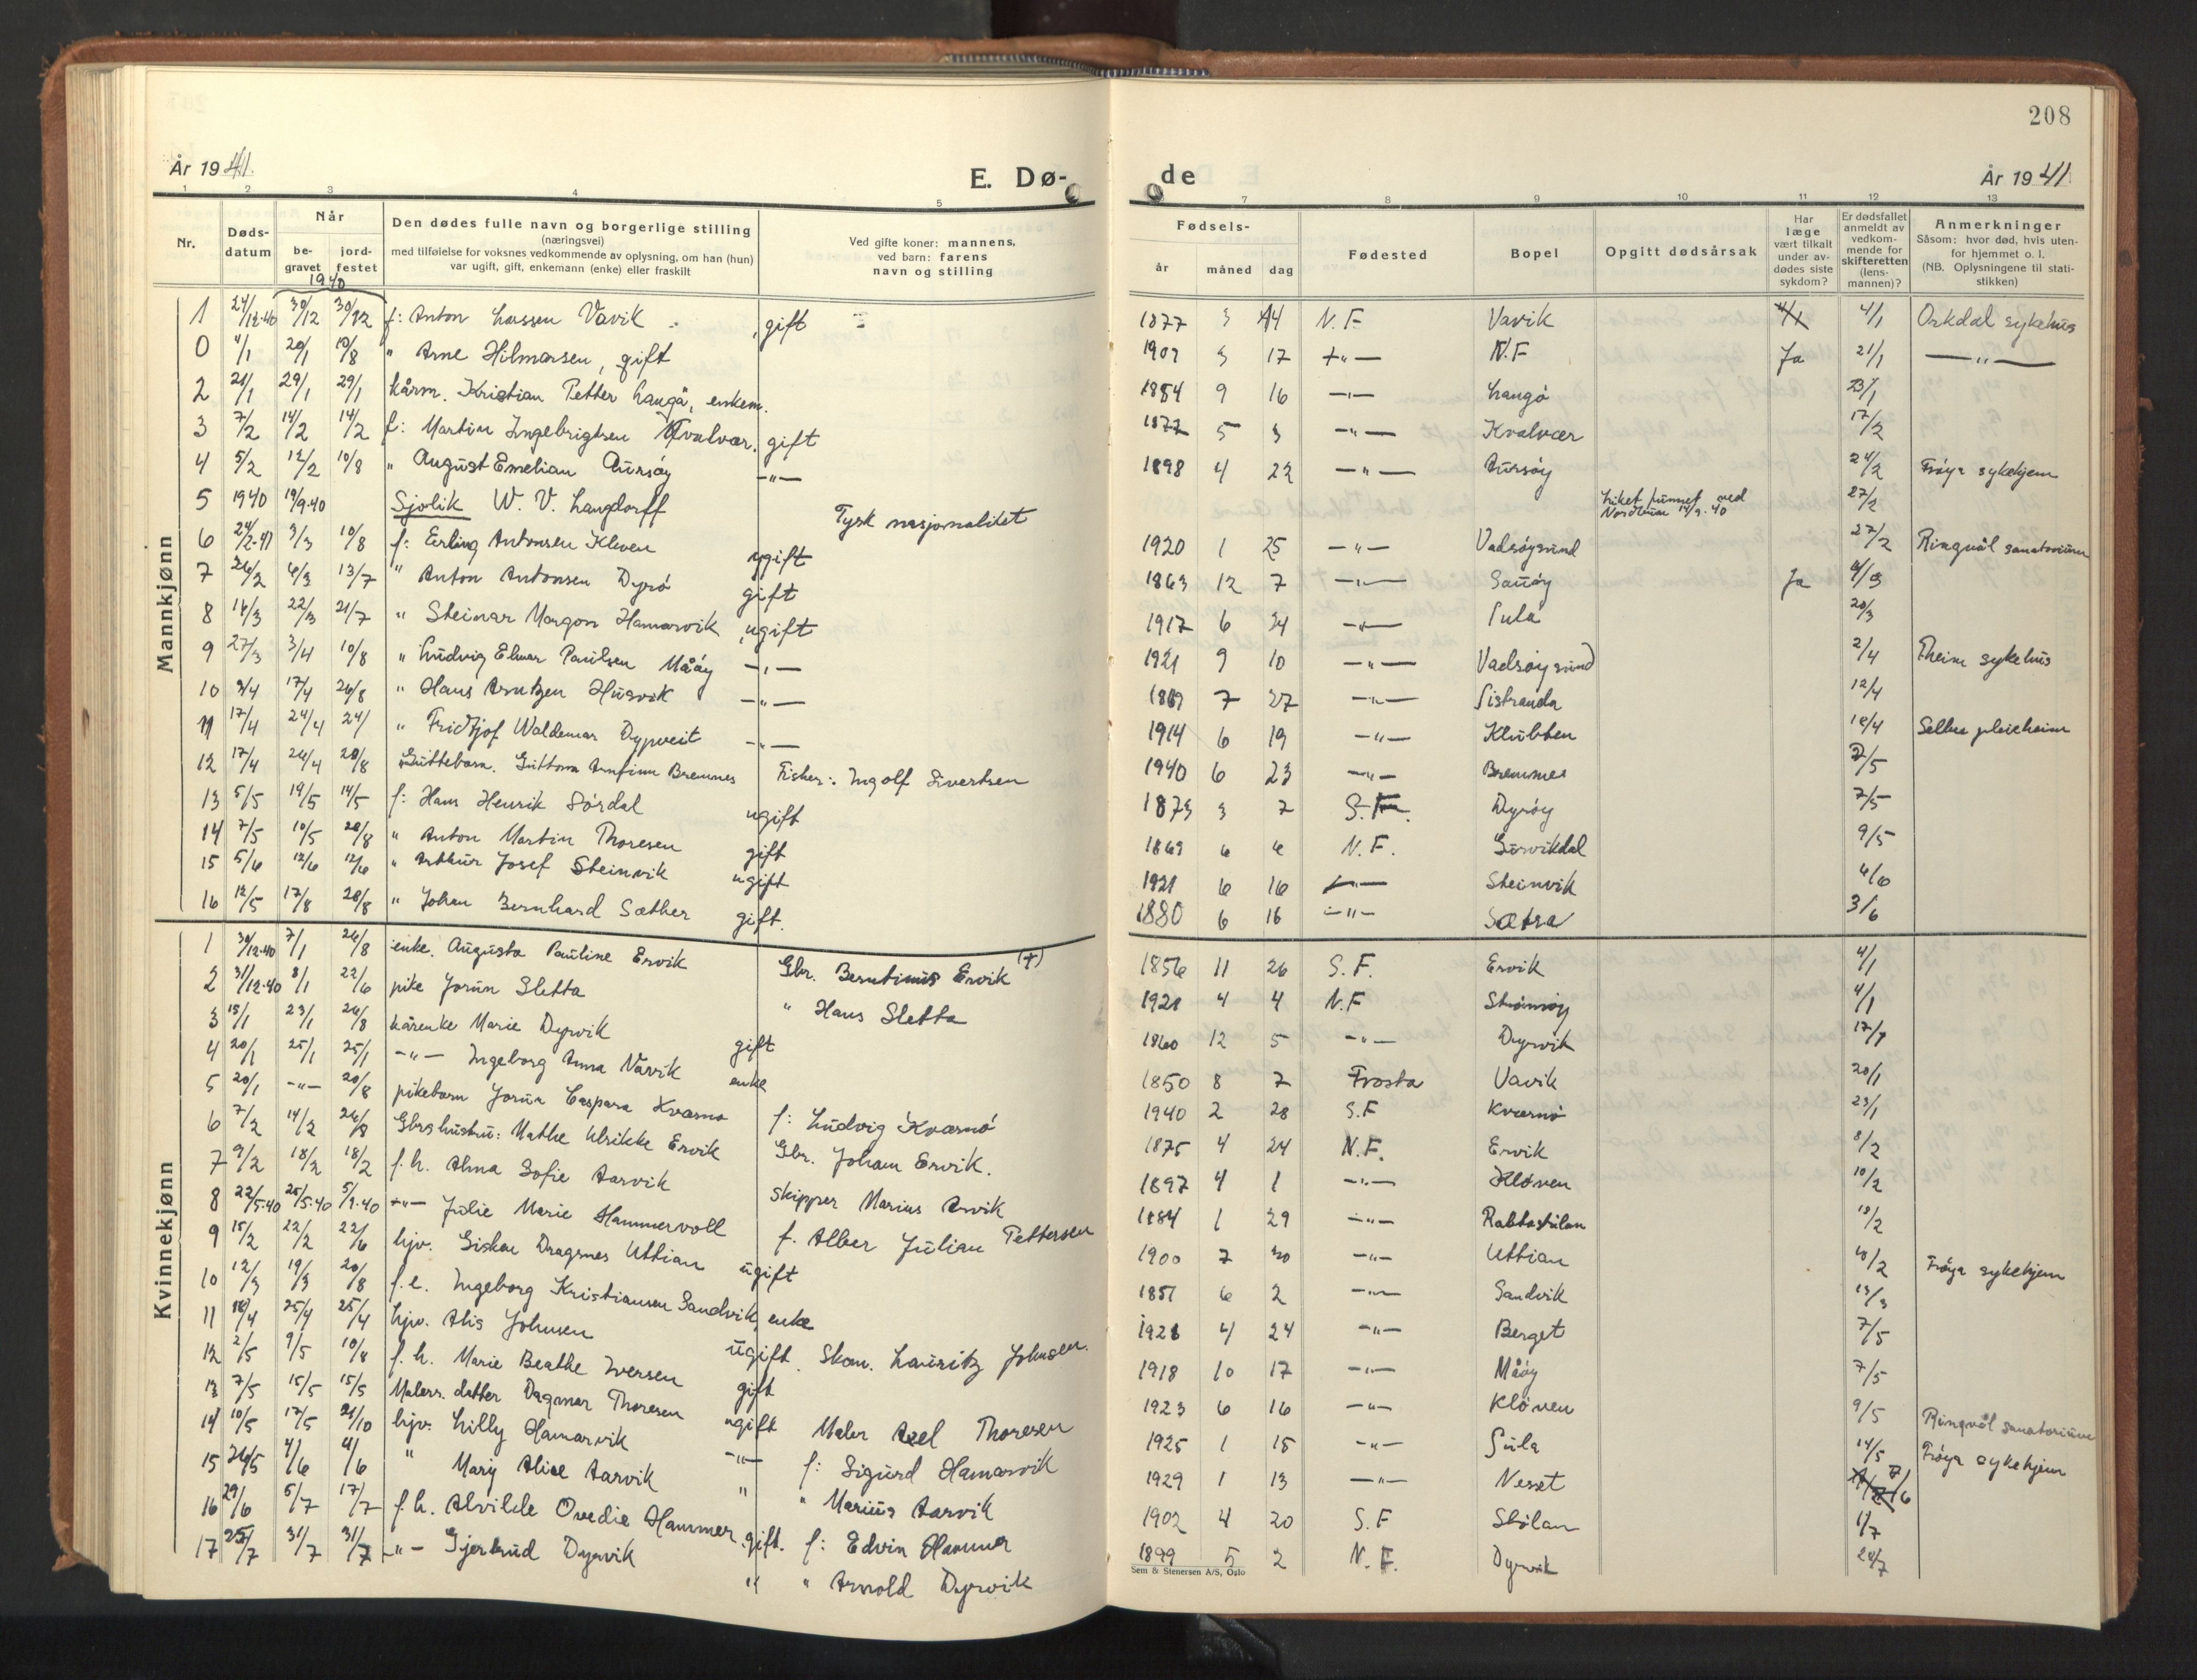 SAT, Ministerialprotokoller, klokkerbøker og fødselsregistre - Sør-Trøndelag, 640/L0590: Klokkerbok nr. 640C07, 1935-1948, s. 208